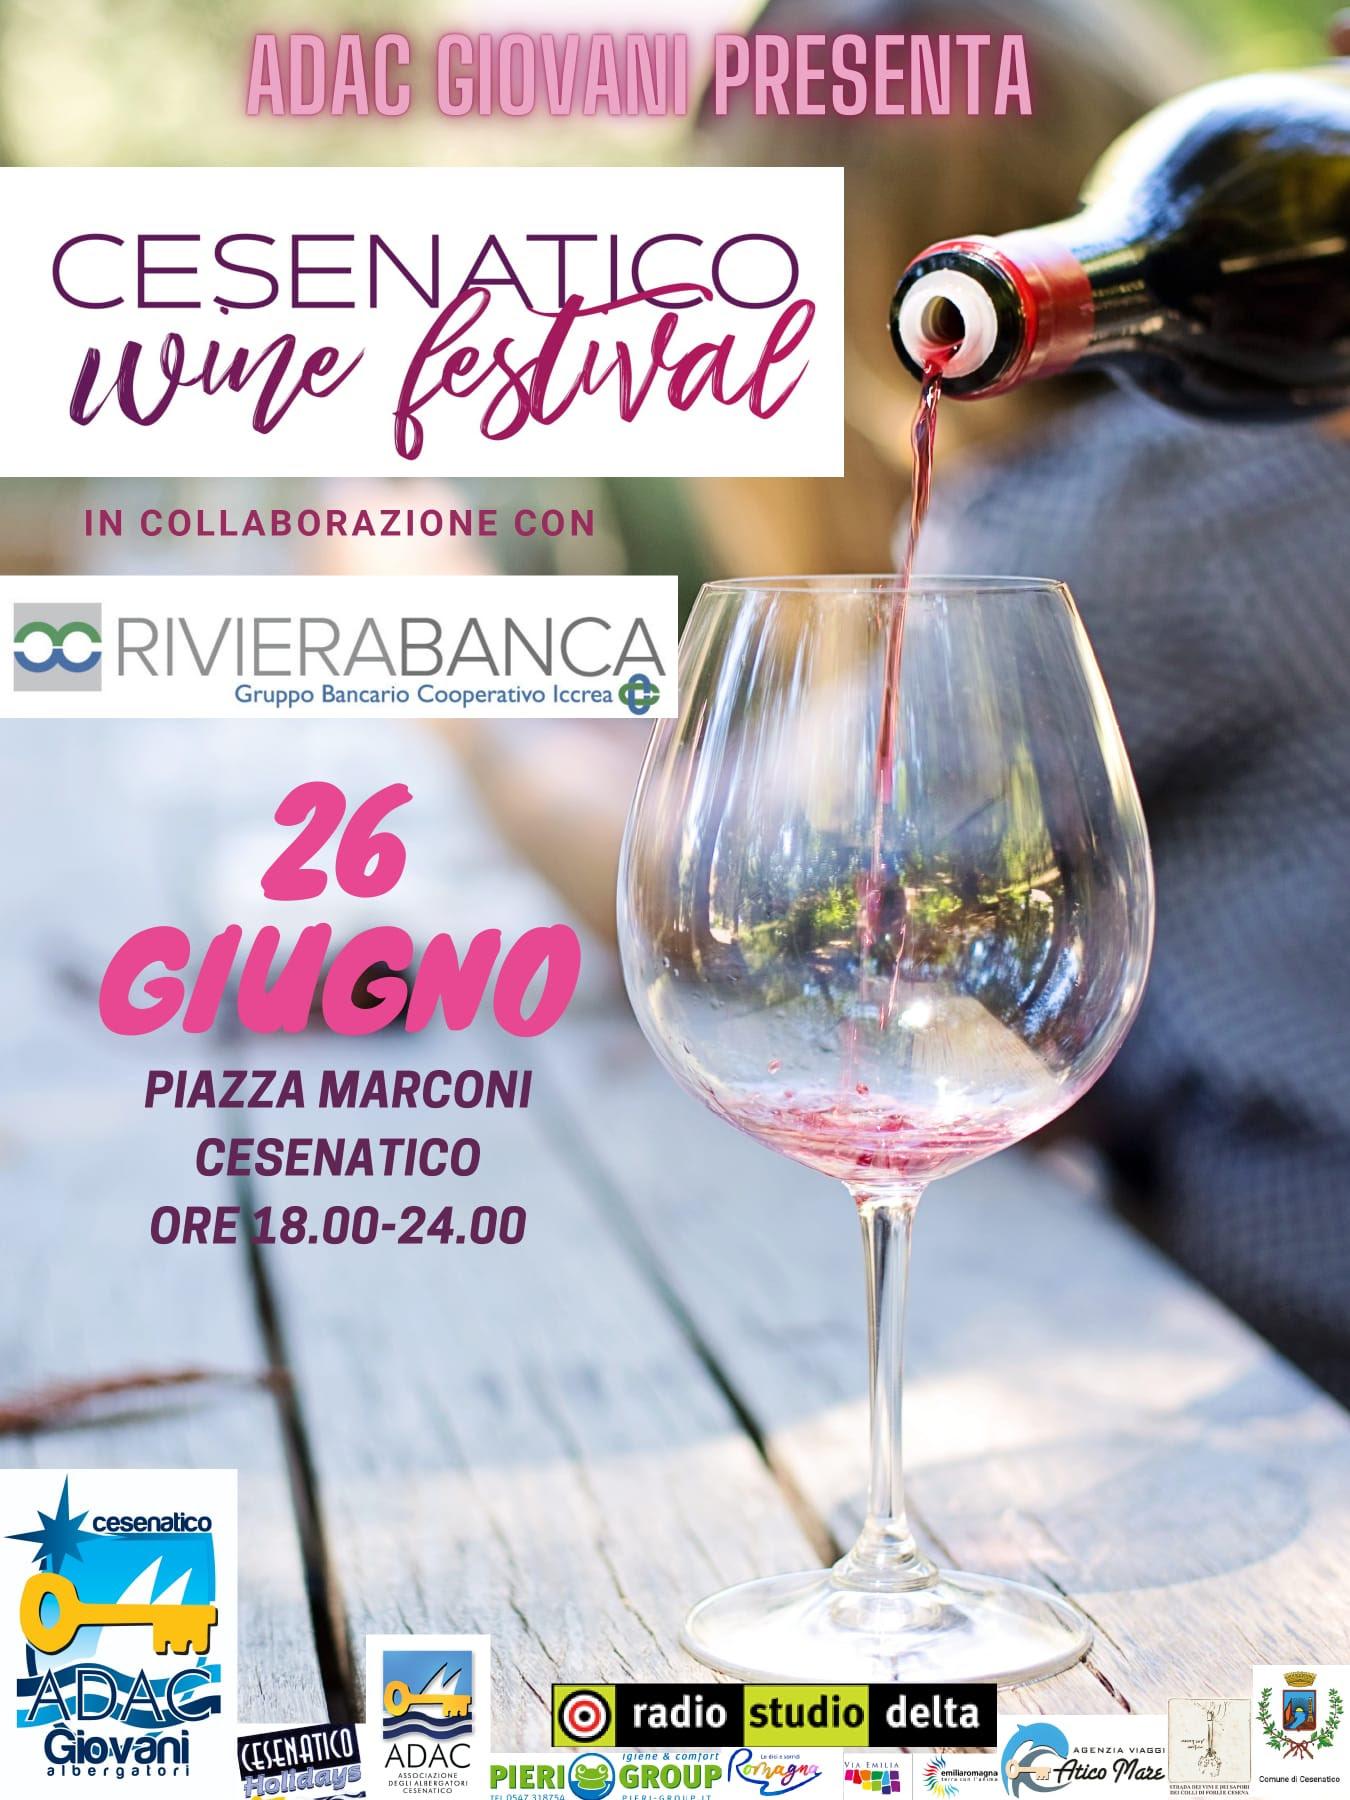 Cesenatico Winefestival